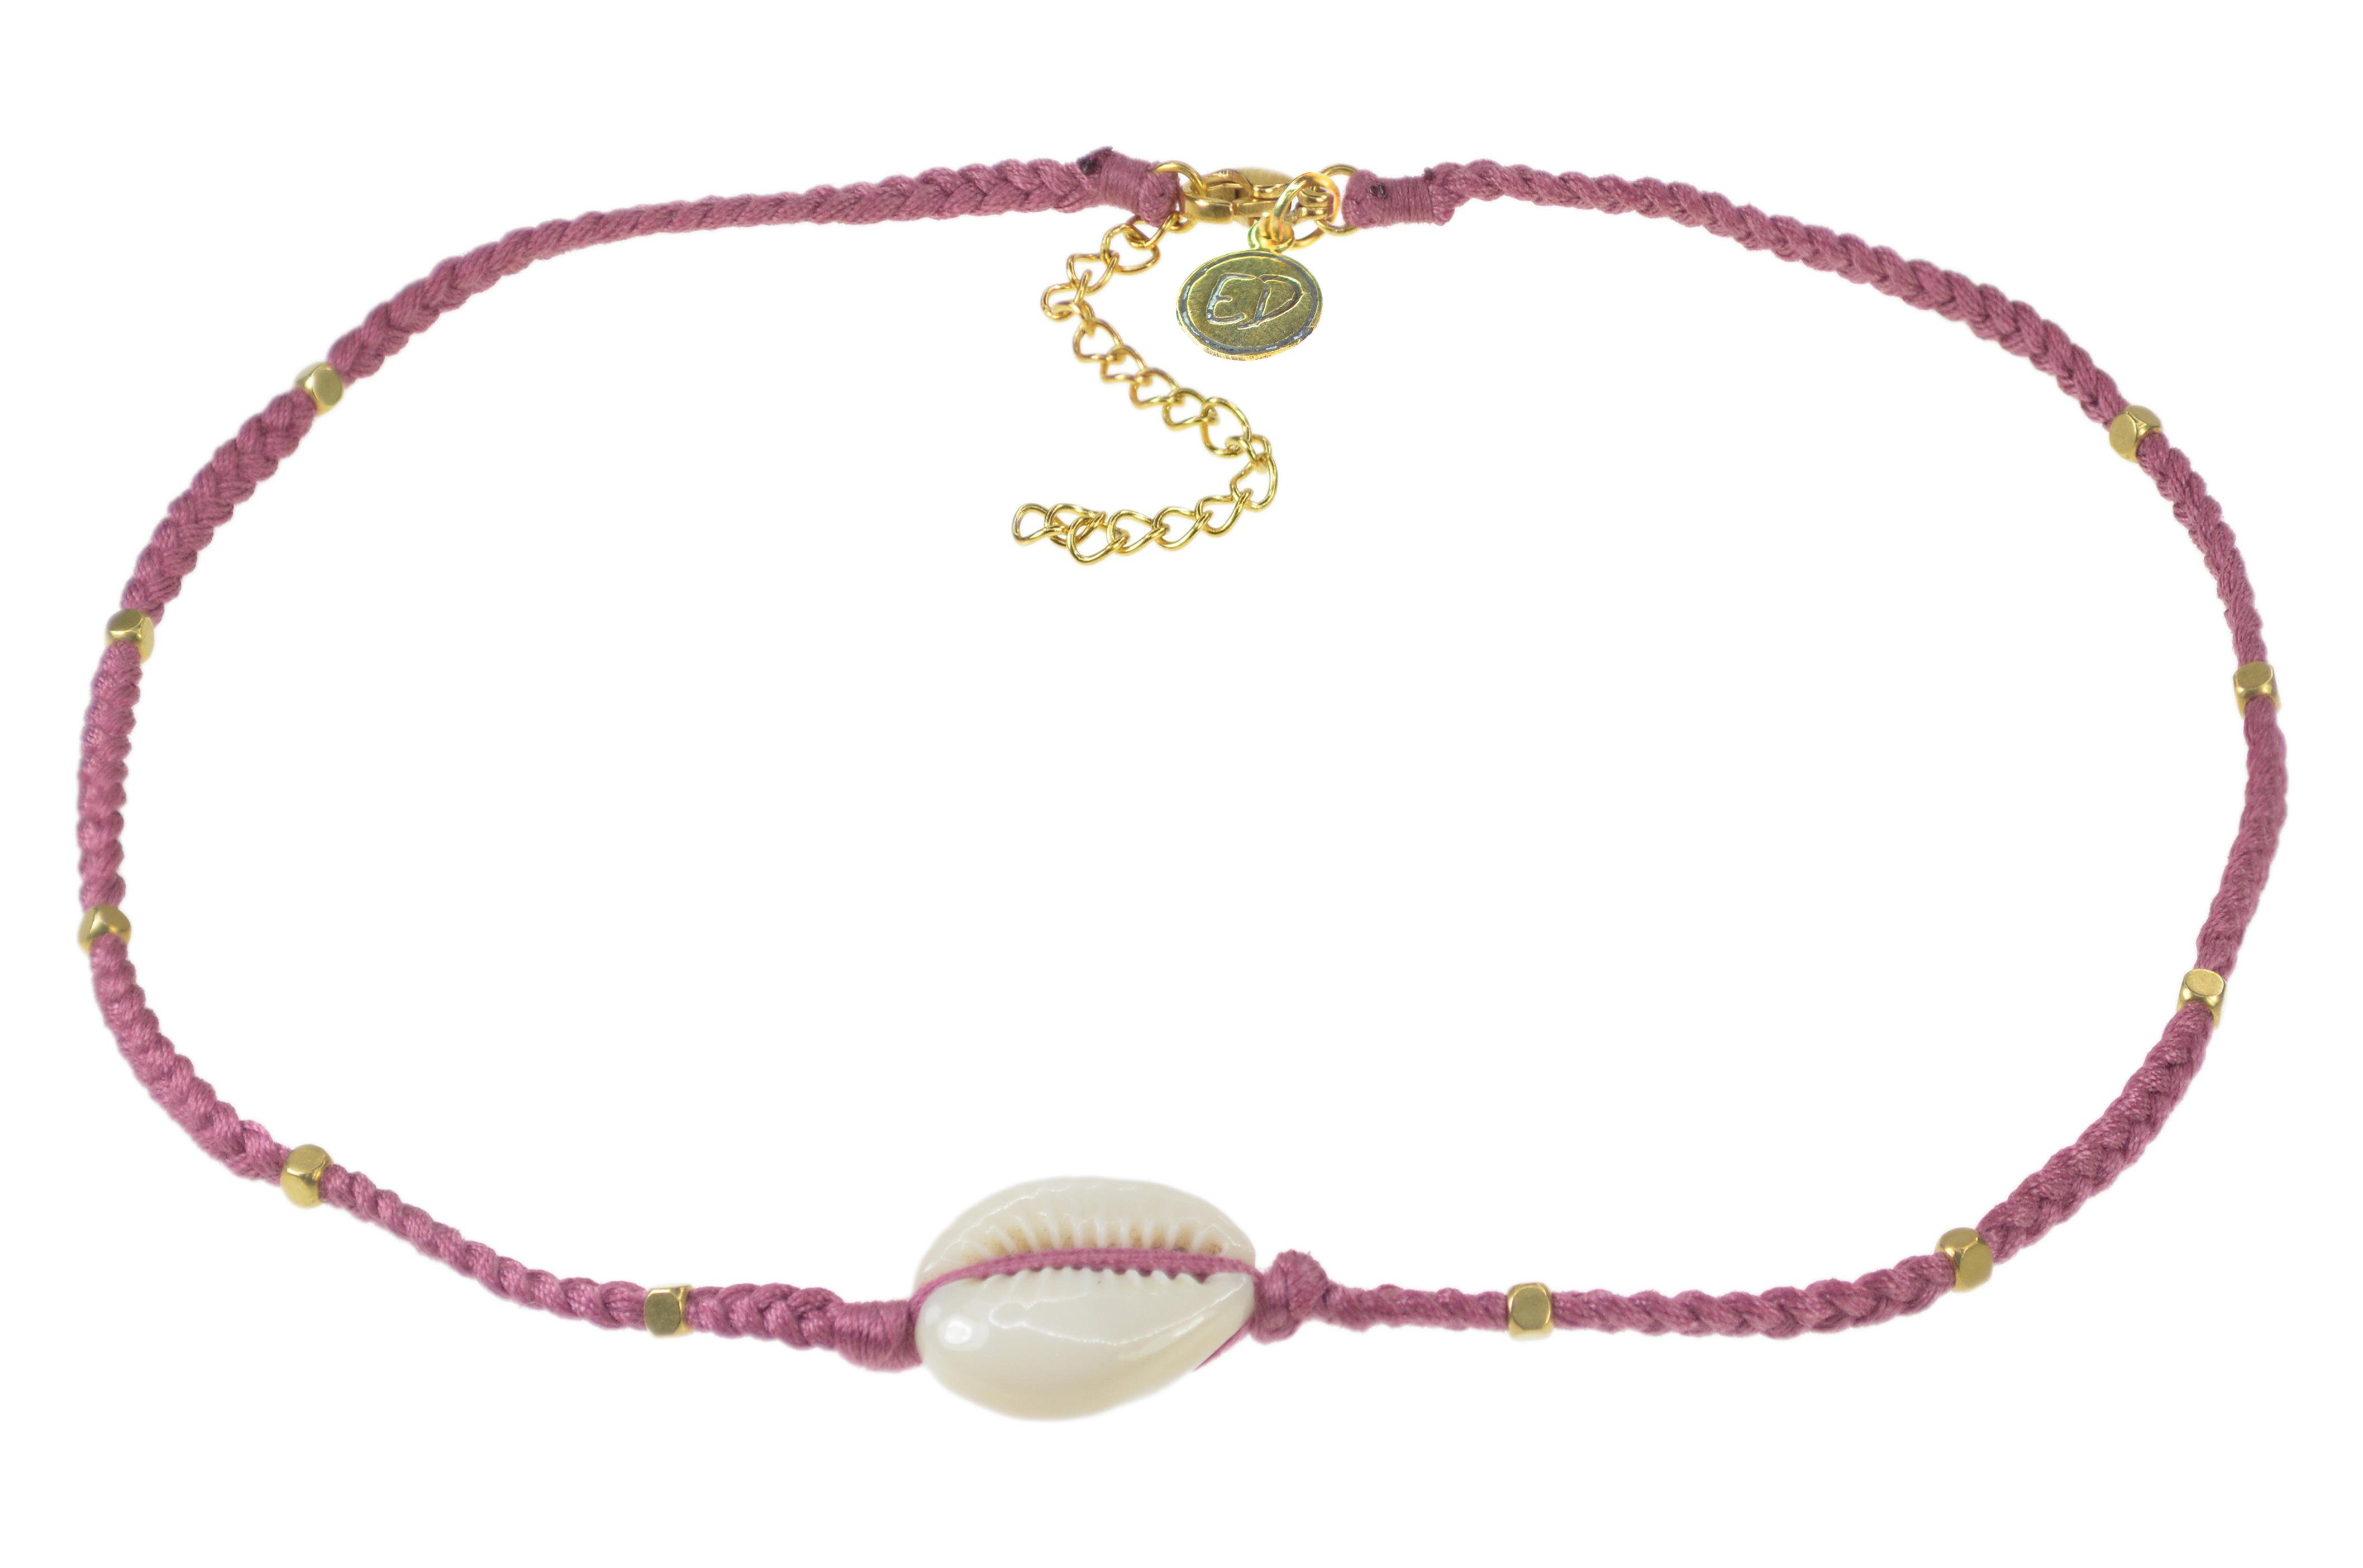 Dámsky ručne pletený náhrdelník  s mušľou a korálkami - Cassis